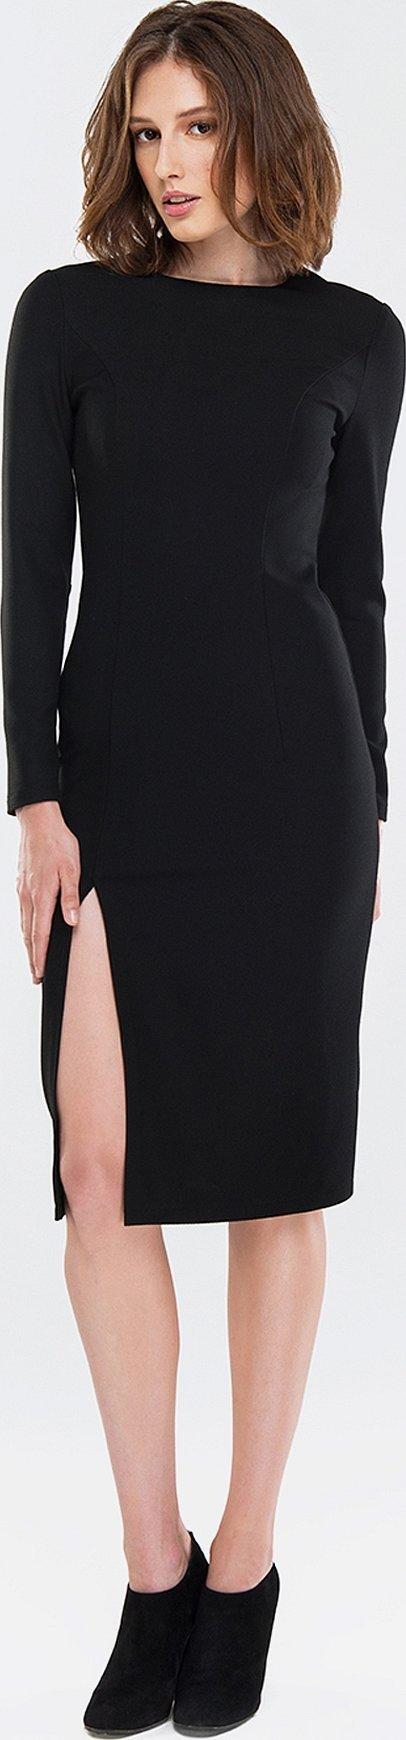 Платье черное olga skazkina